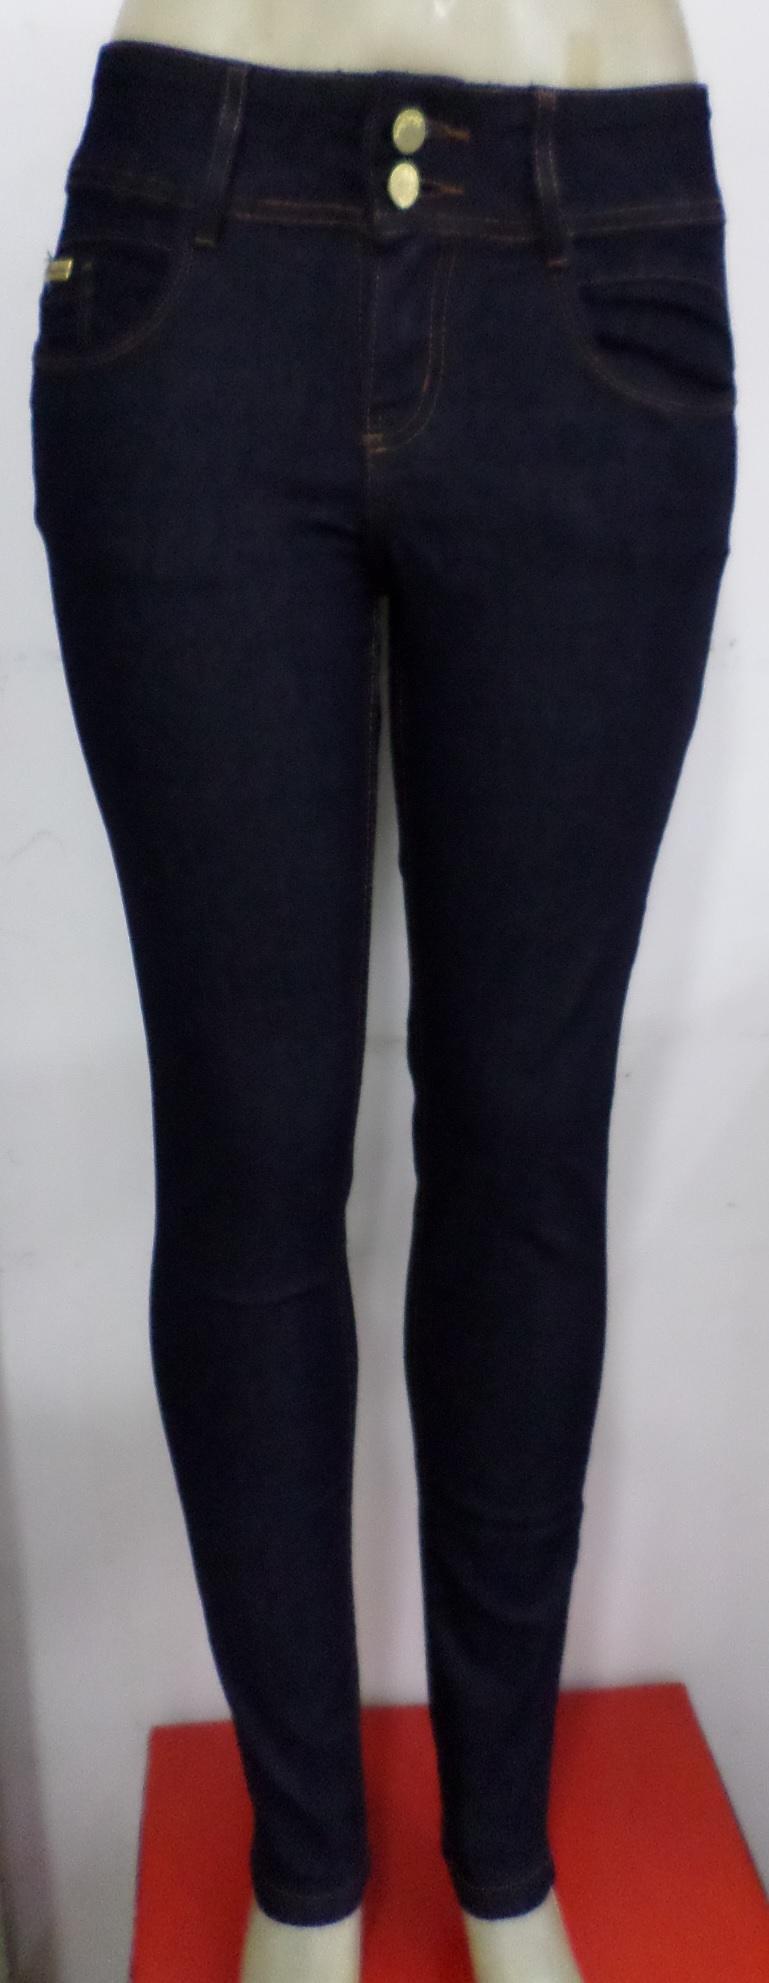 Calça Feminina Black Jeans Cigarrete  - R$64,99 - [BLACK369]